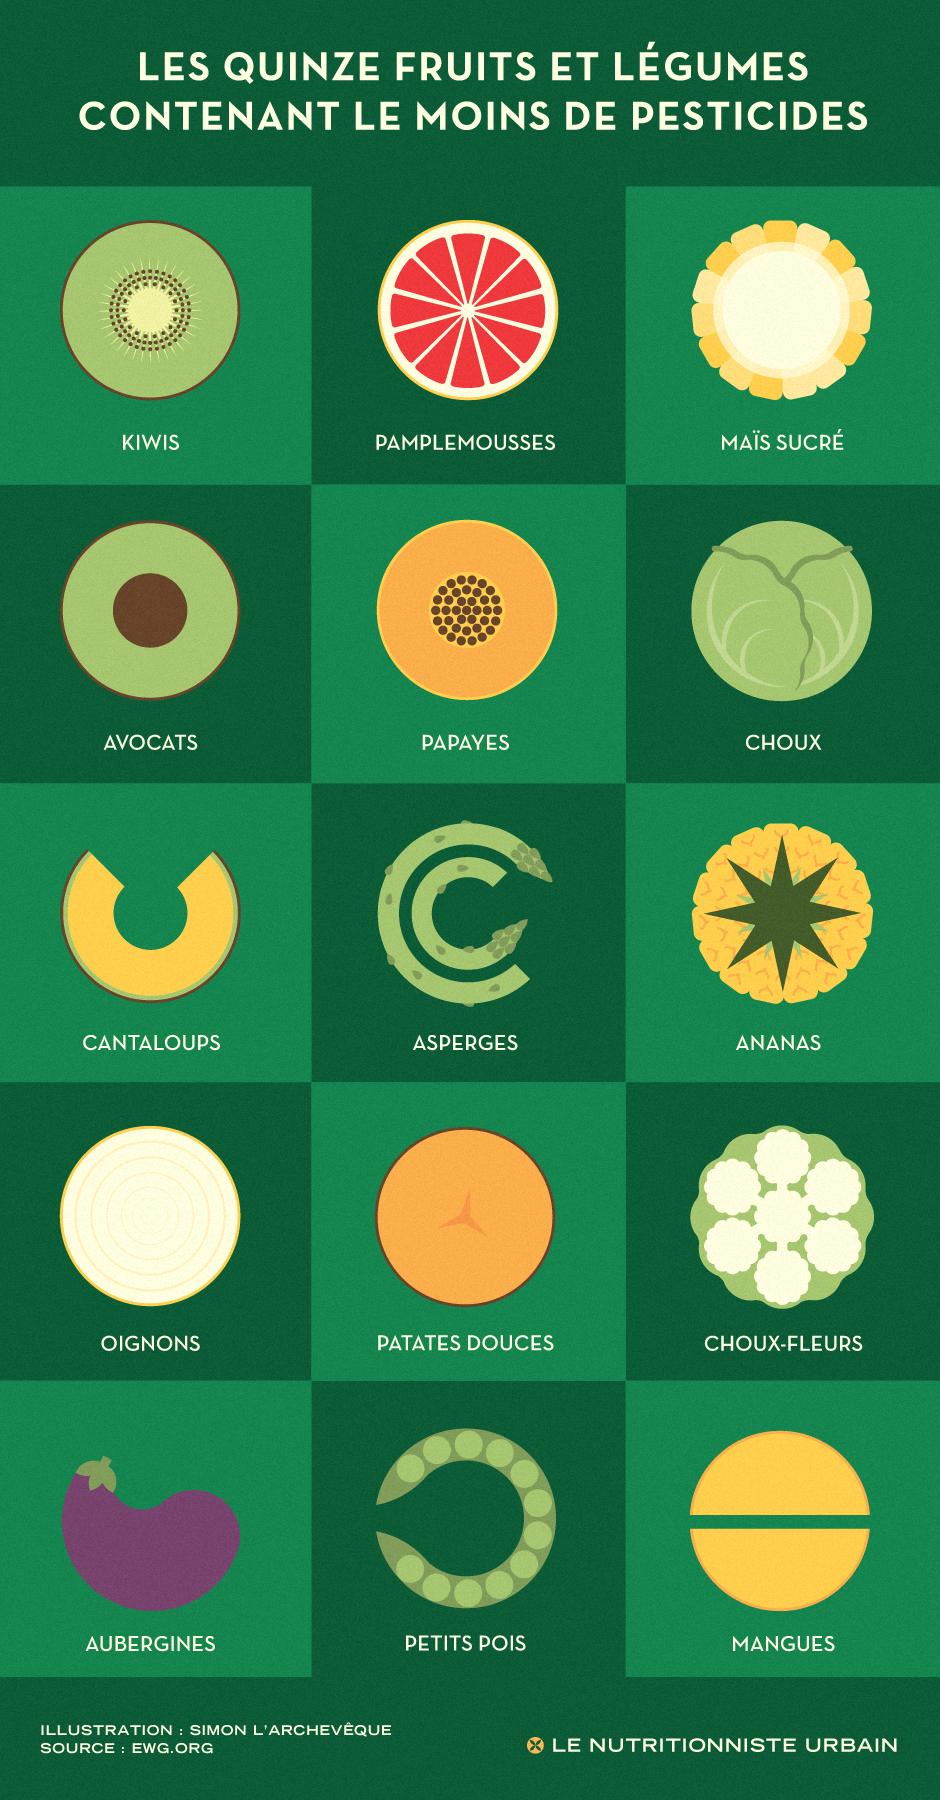 les 15 fruits et l gumes contenant le moins de r sidus de pesticides le nutritionniste urbain. Black Bedroom Furniture Sets. Home Design Ideas